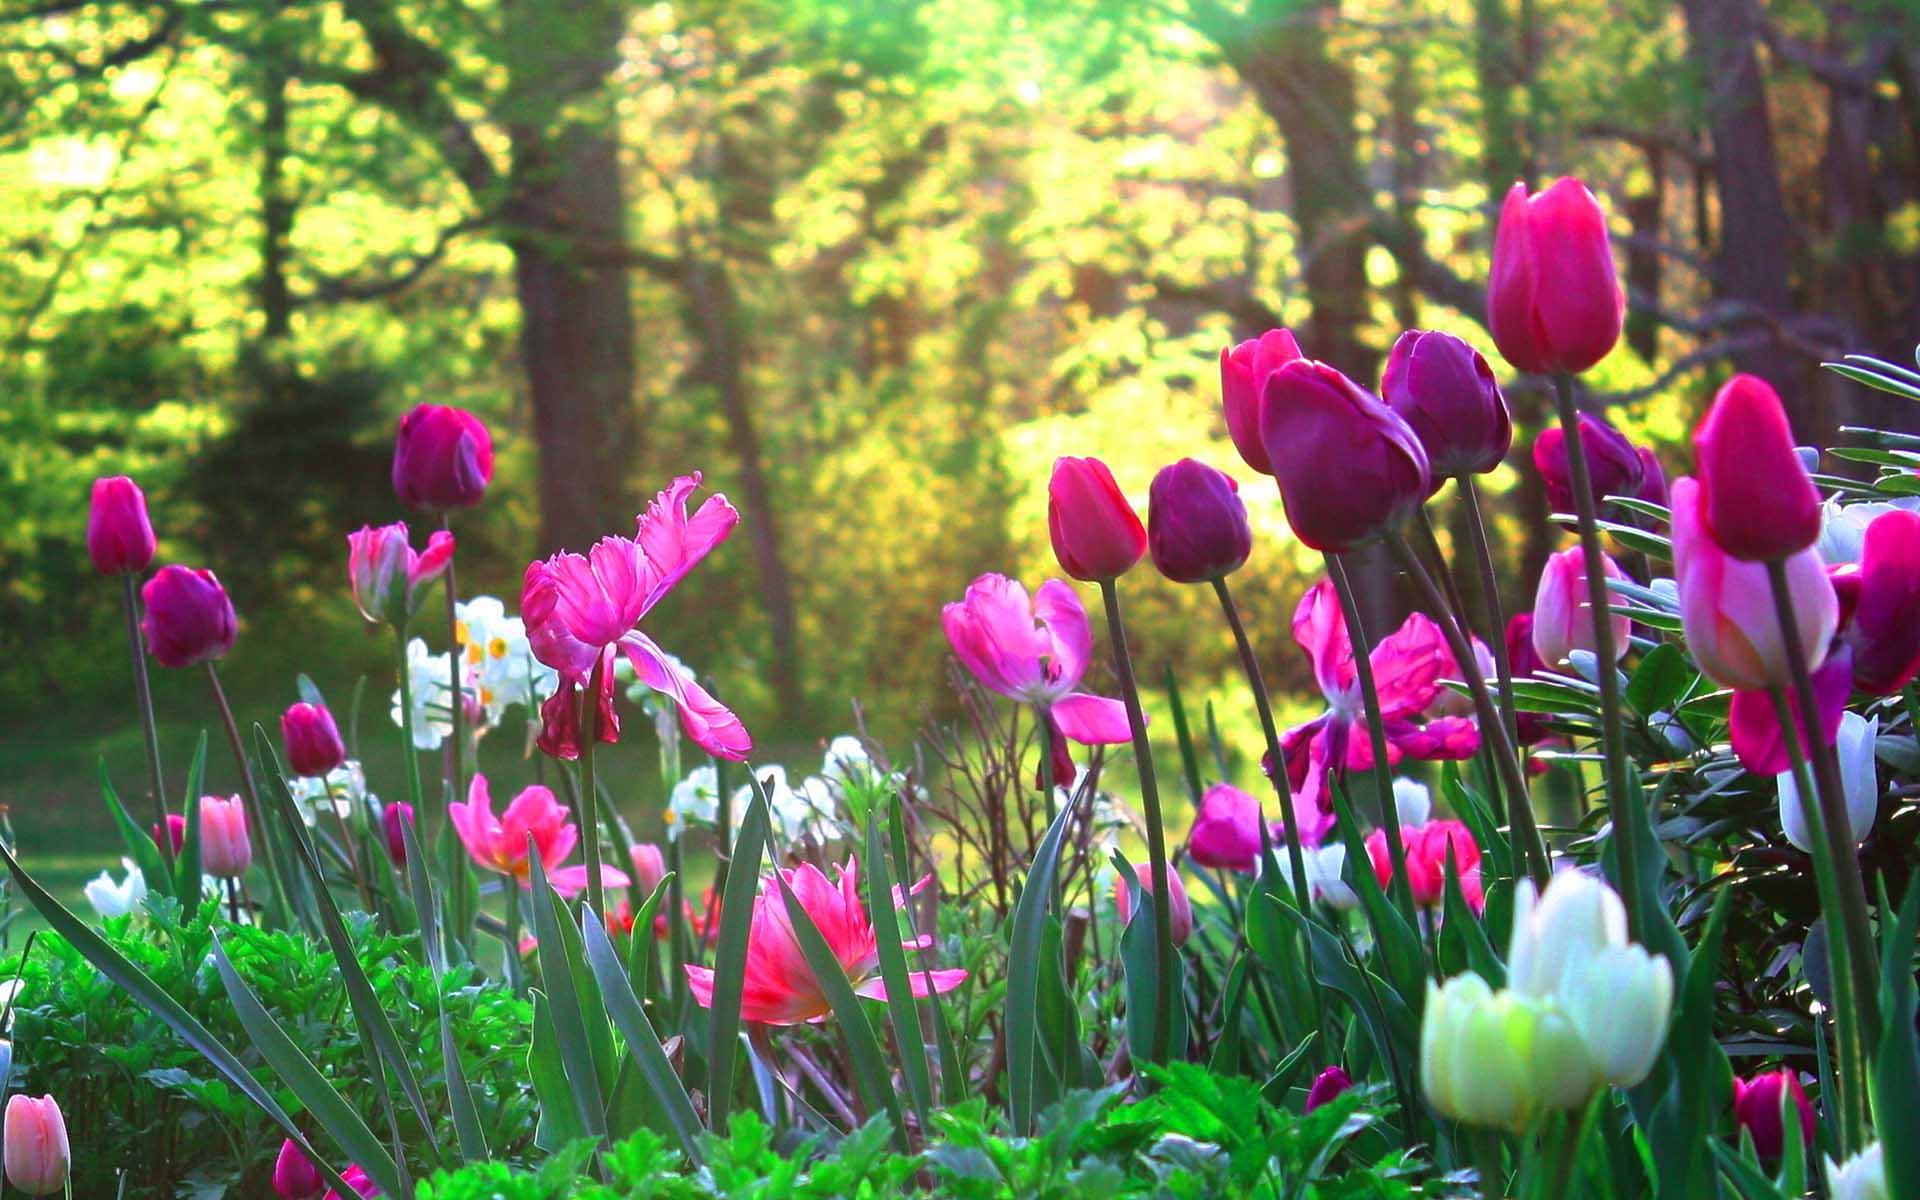 Hình ảnh rừng hoa tulíp đẹp